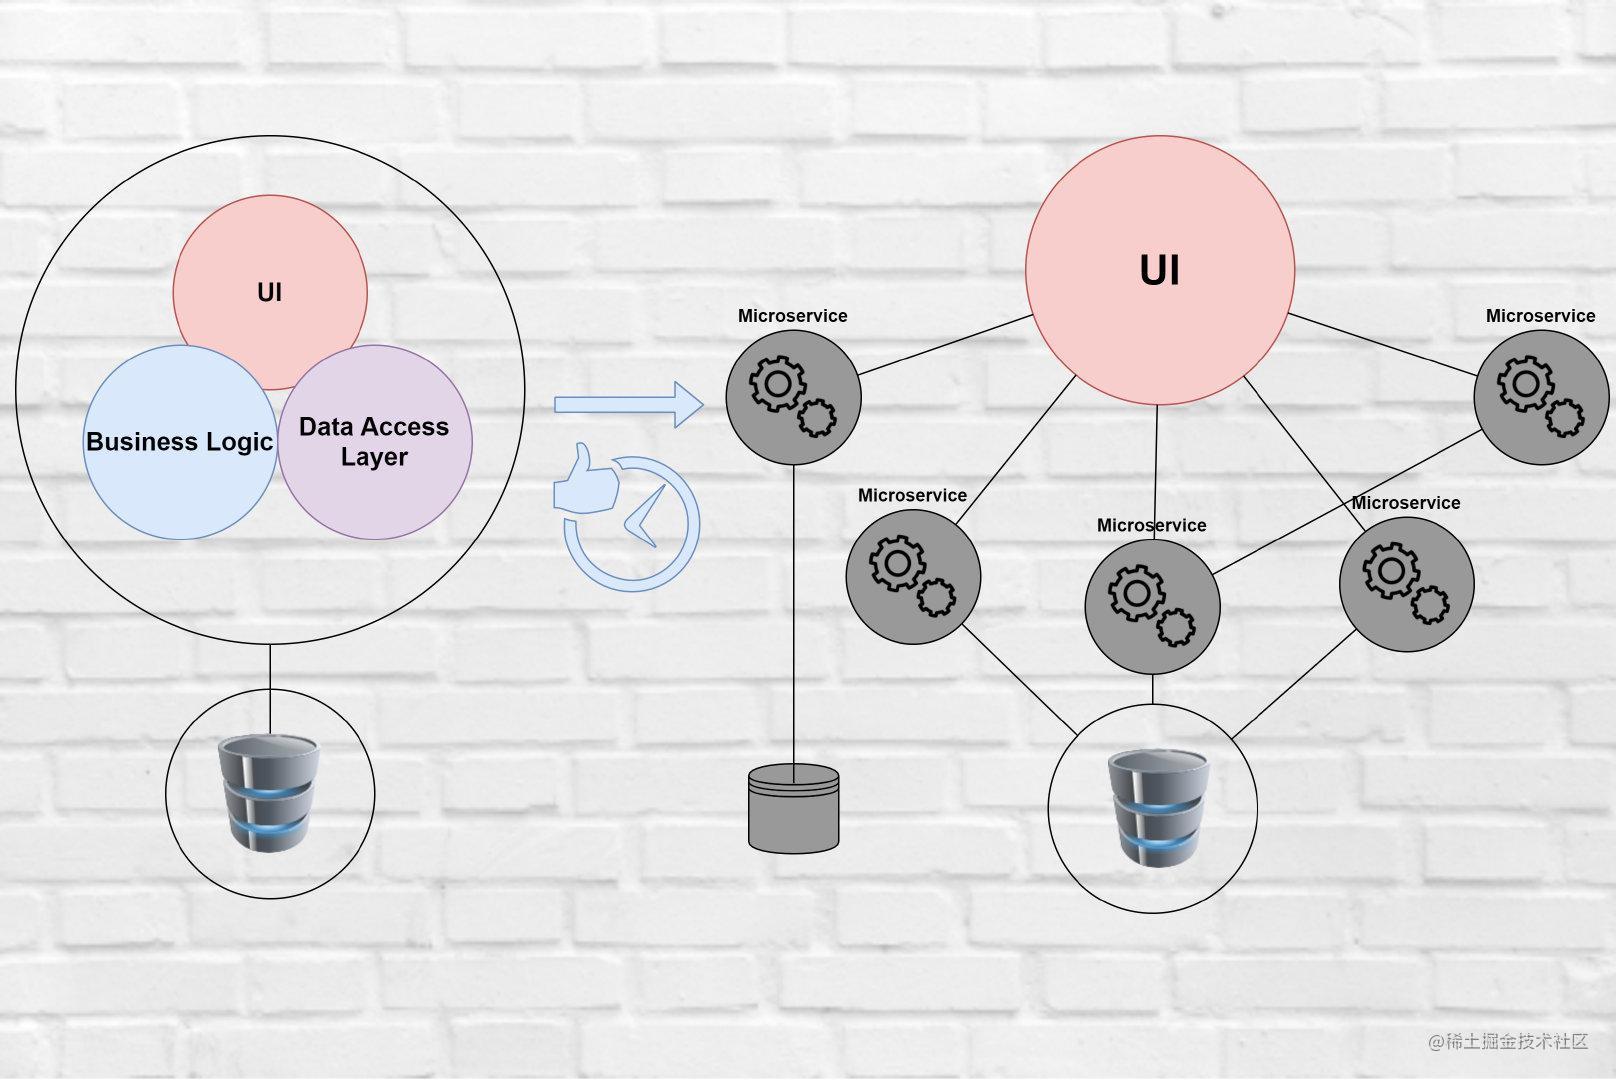 Monolithic Architecture vs. Microservice Architecture